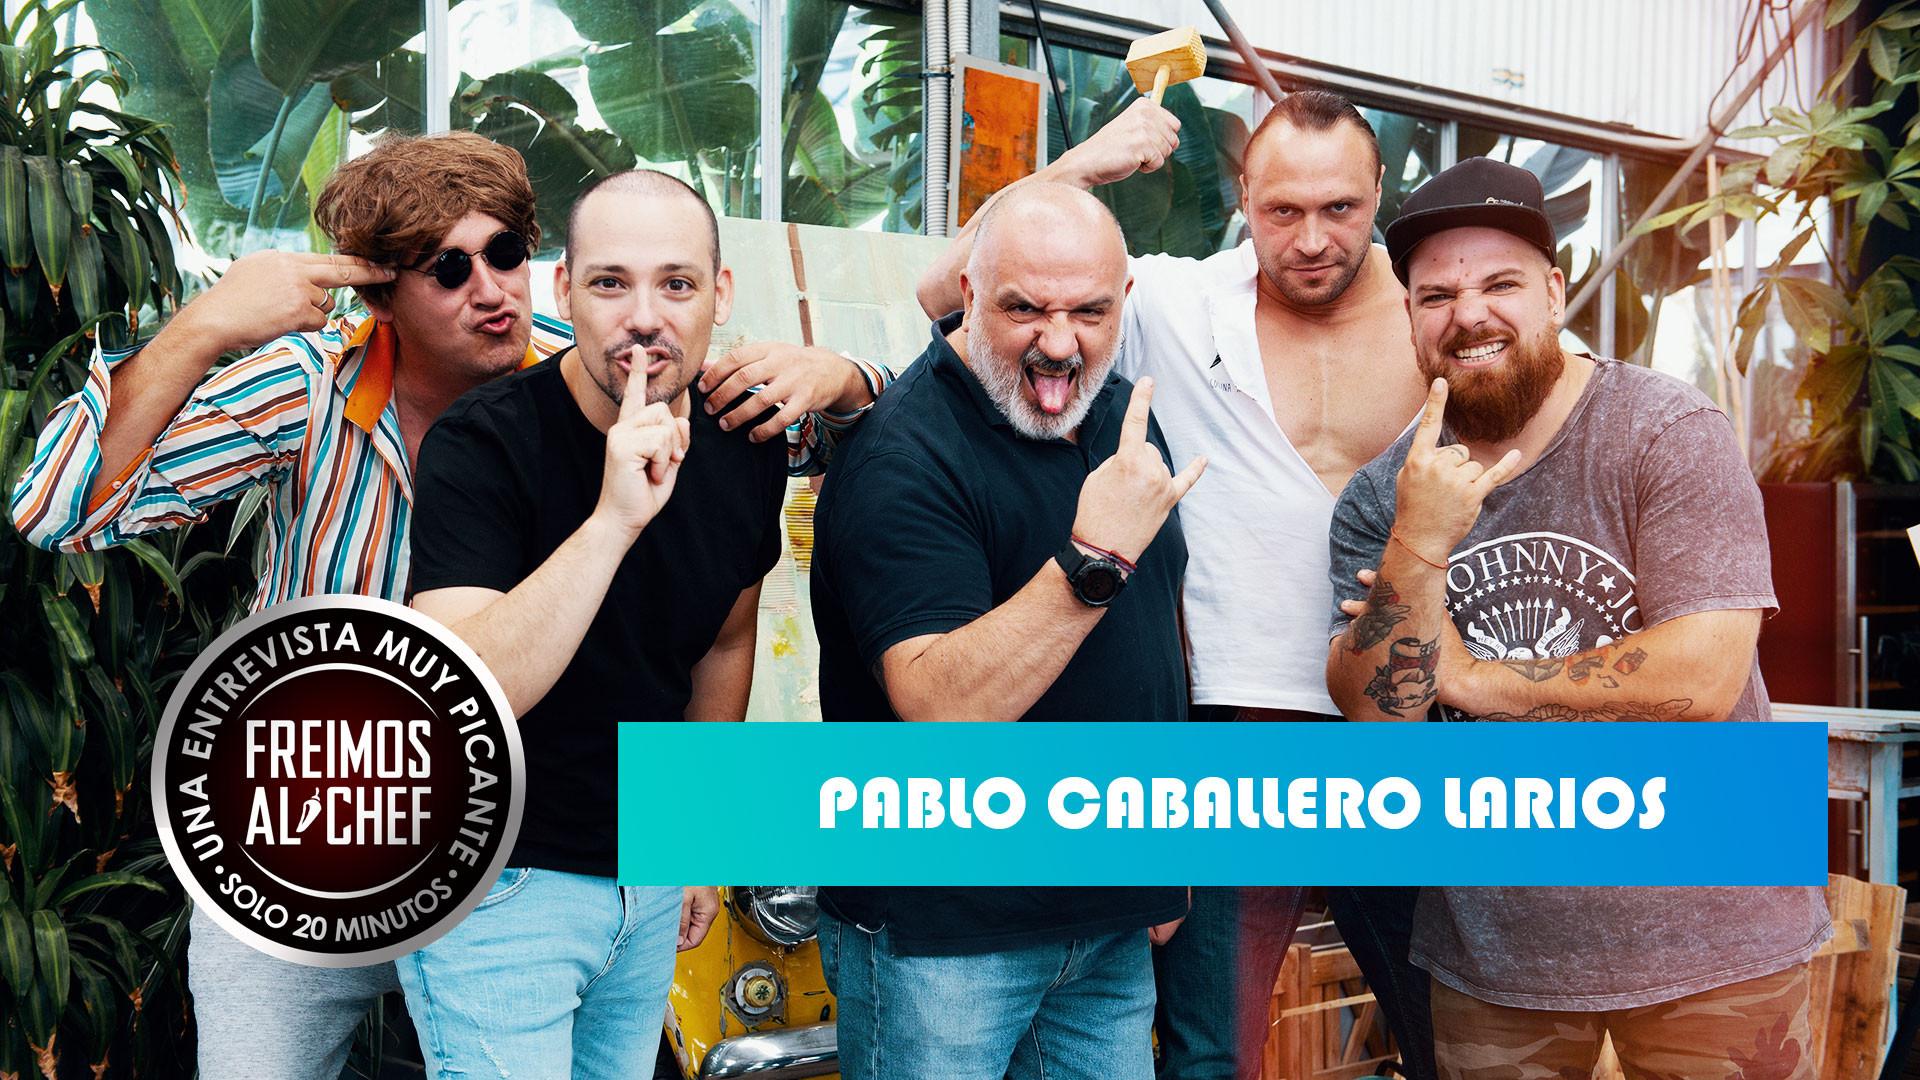 Freimos Al Chef - Pablo Caballero